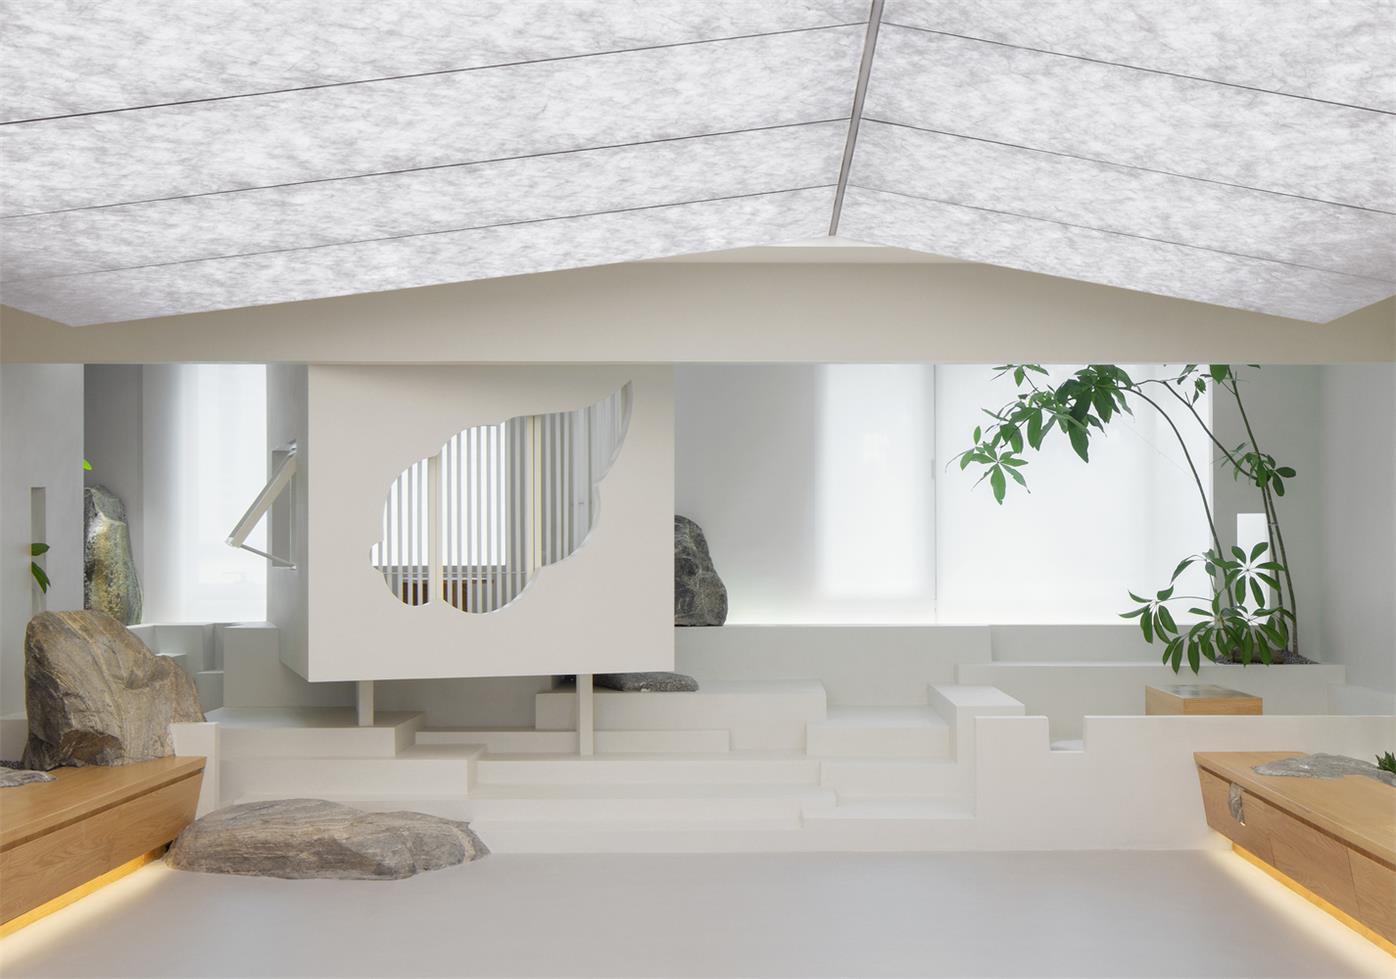 屋顶花园凉亭_从繁华中寻一片山林的茶室设计 | 戈者设计